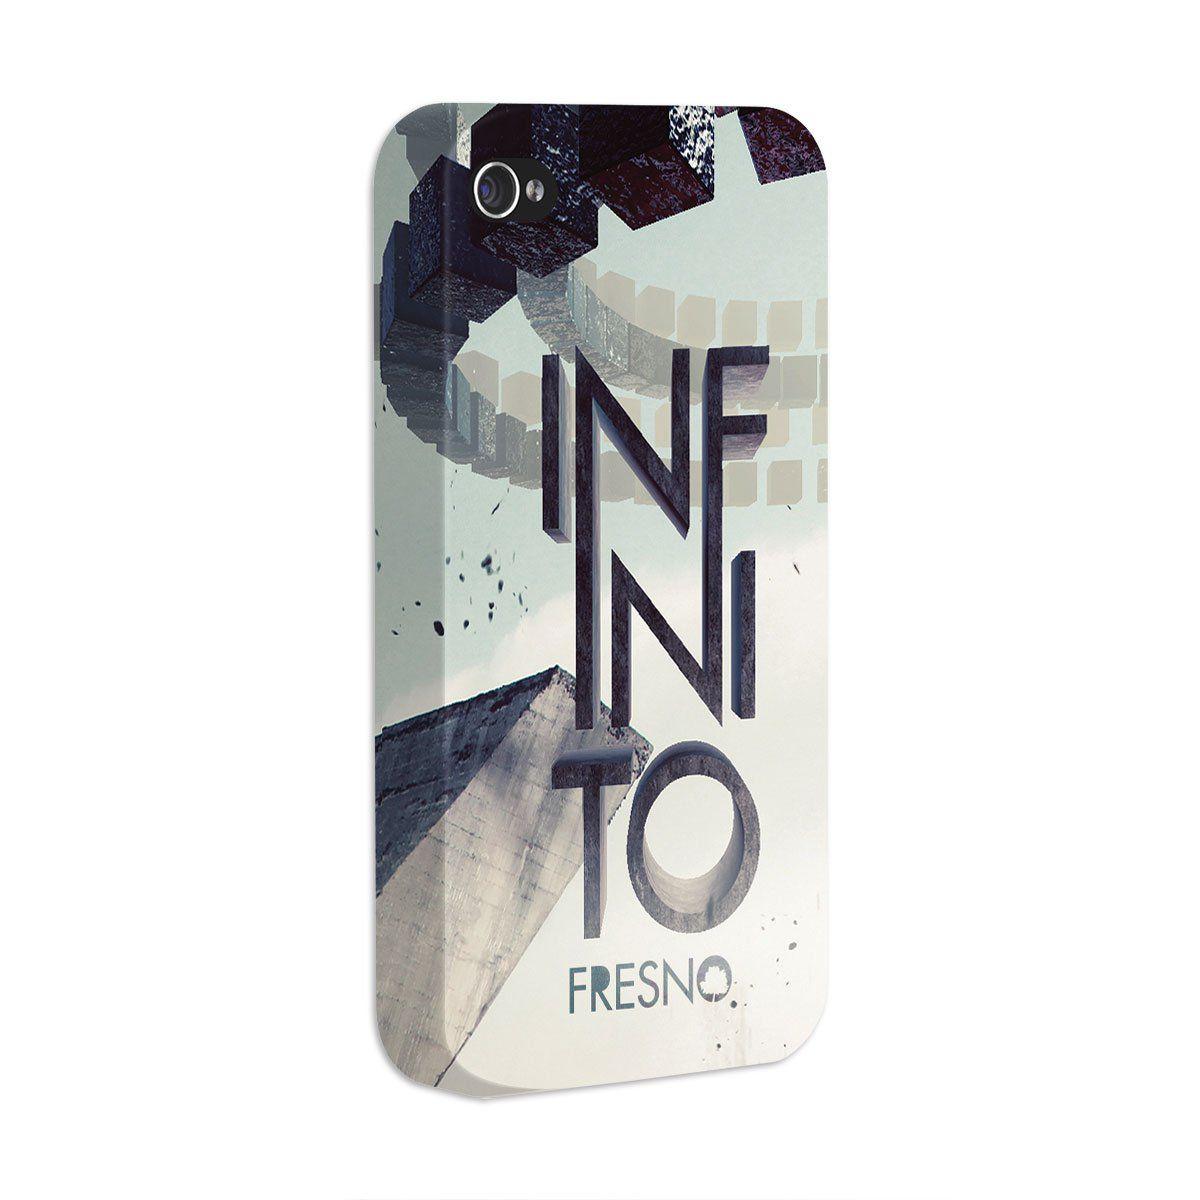 Capa de iPhone 4/4S Fresno - Infinito